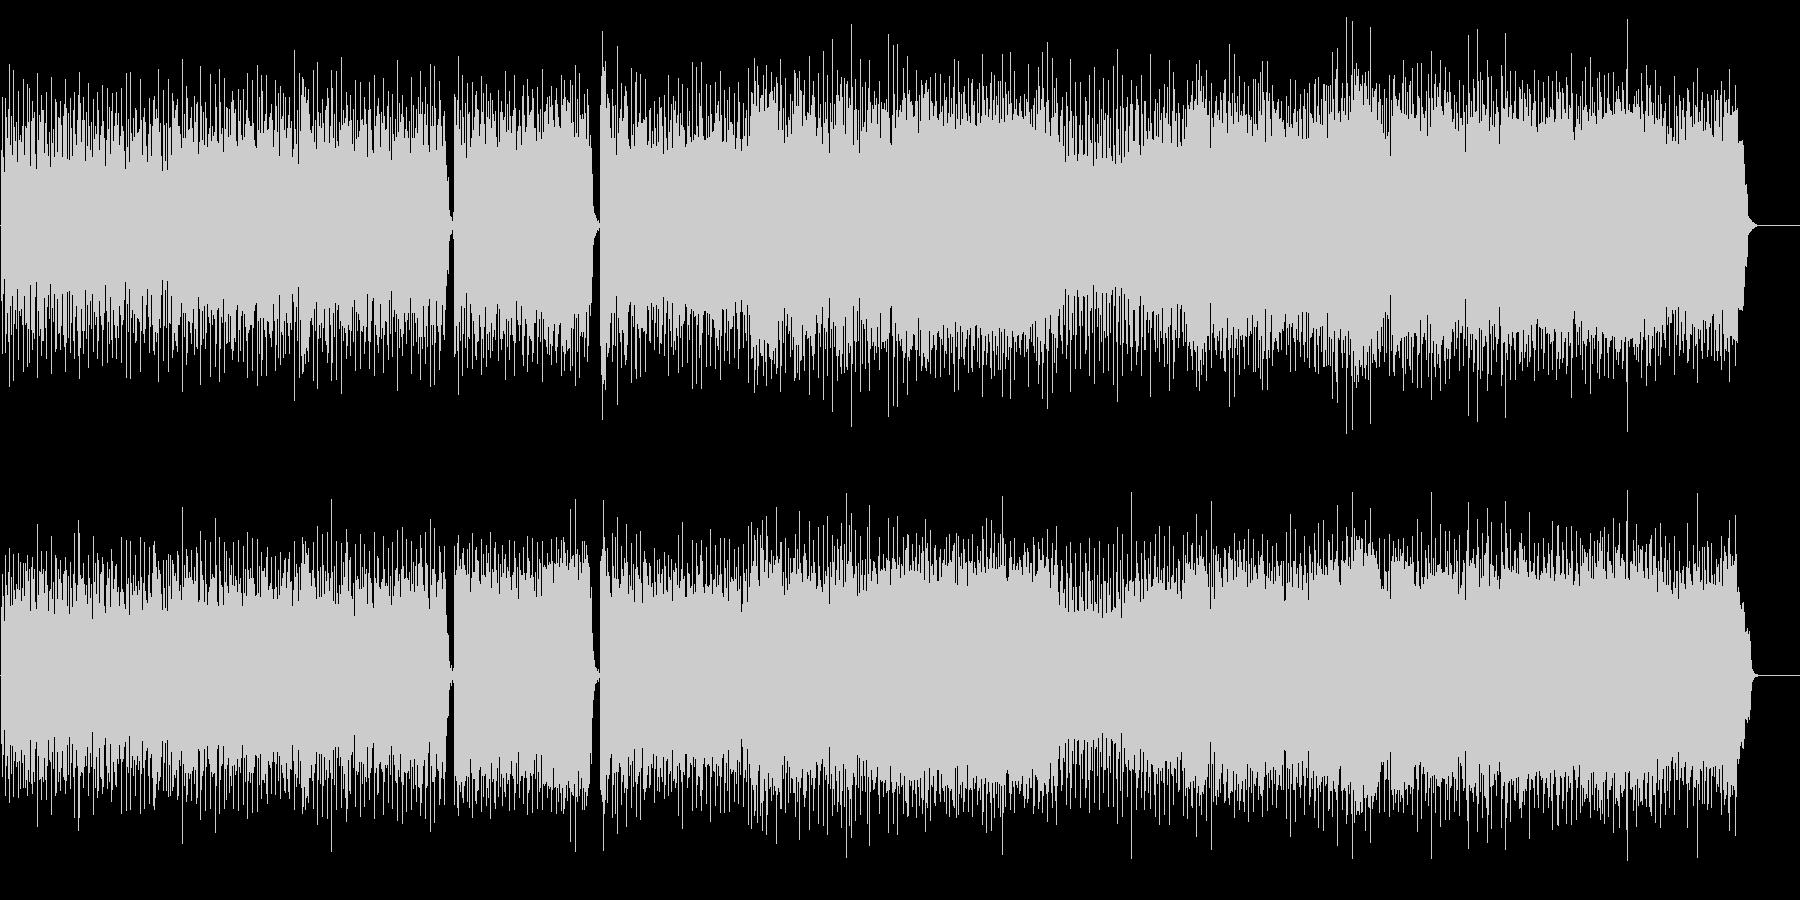 ハード・エッジなマジカル・ギターサウンドの未再生の波形